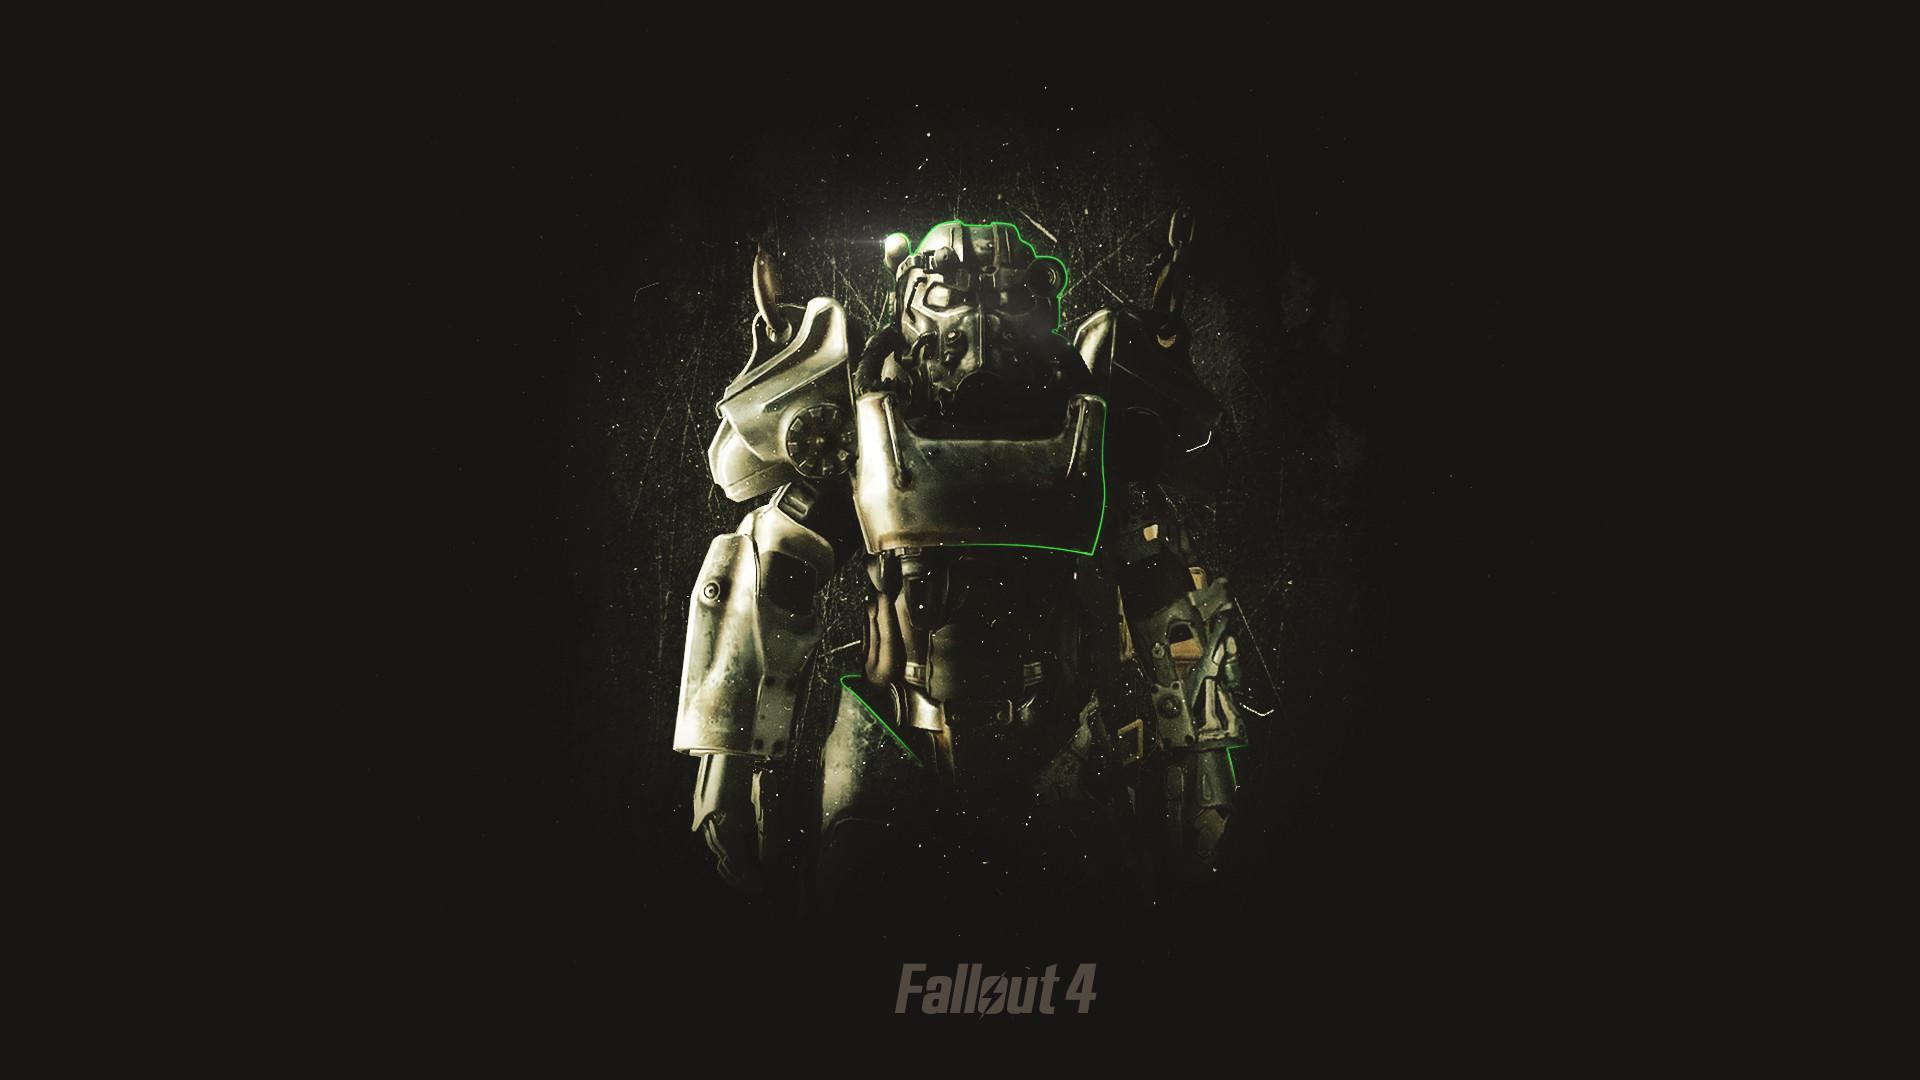 Fallout 4 HD